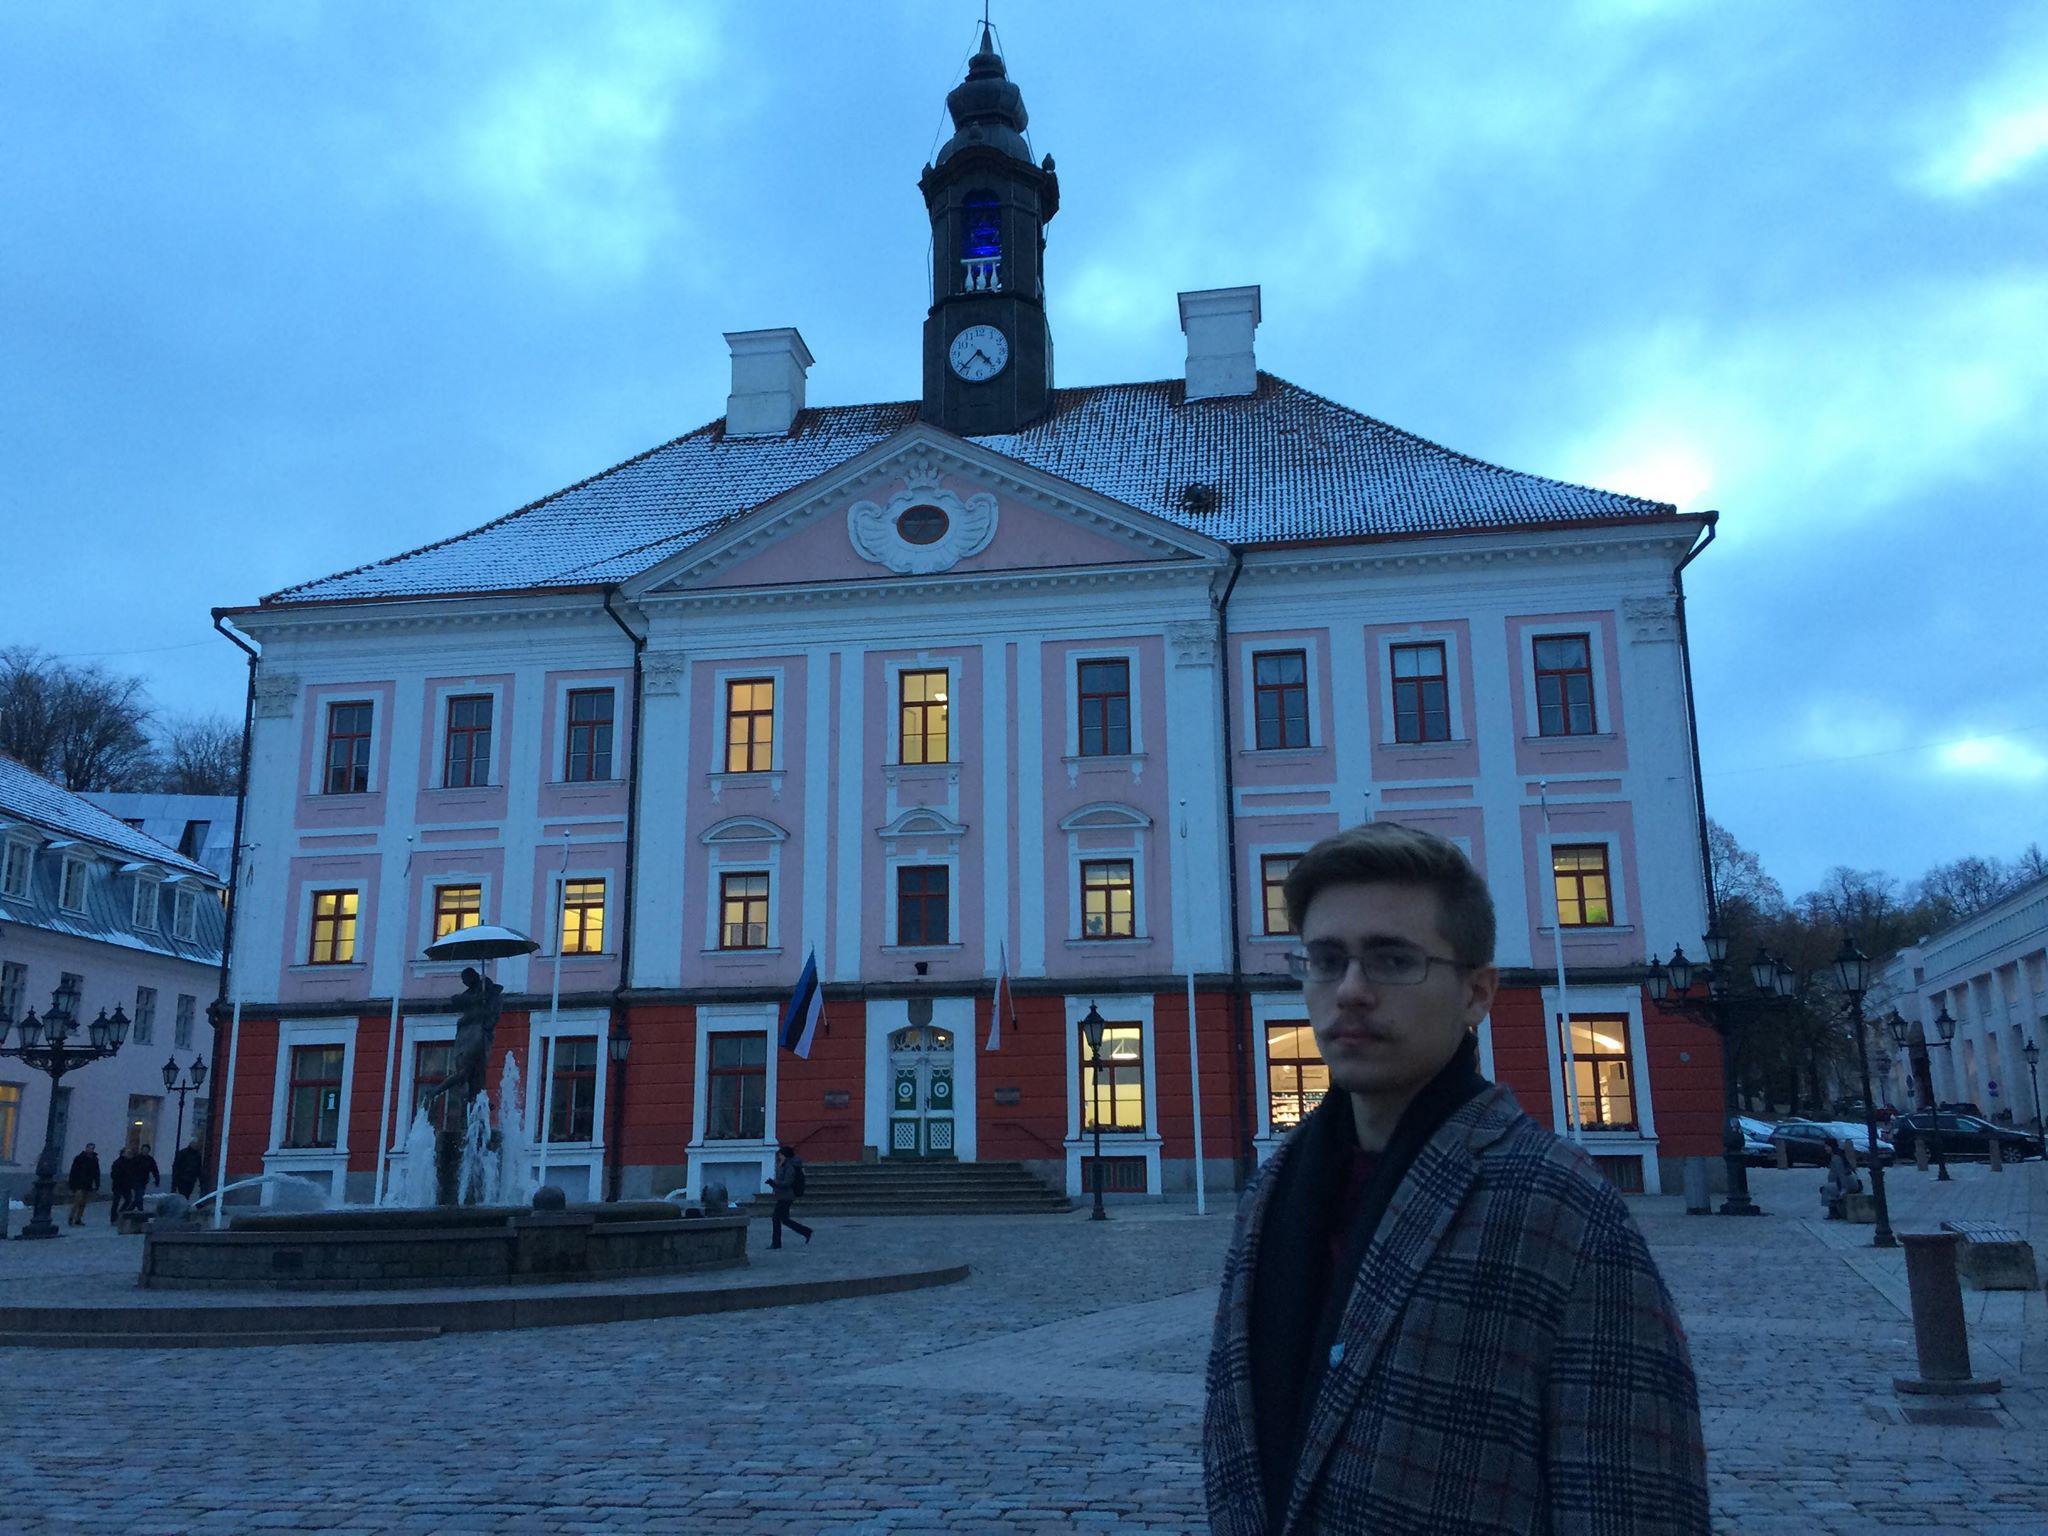 SÄ juhatuse liikme Fedor Stomakhini intervjuu vene ERR-le